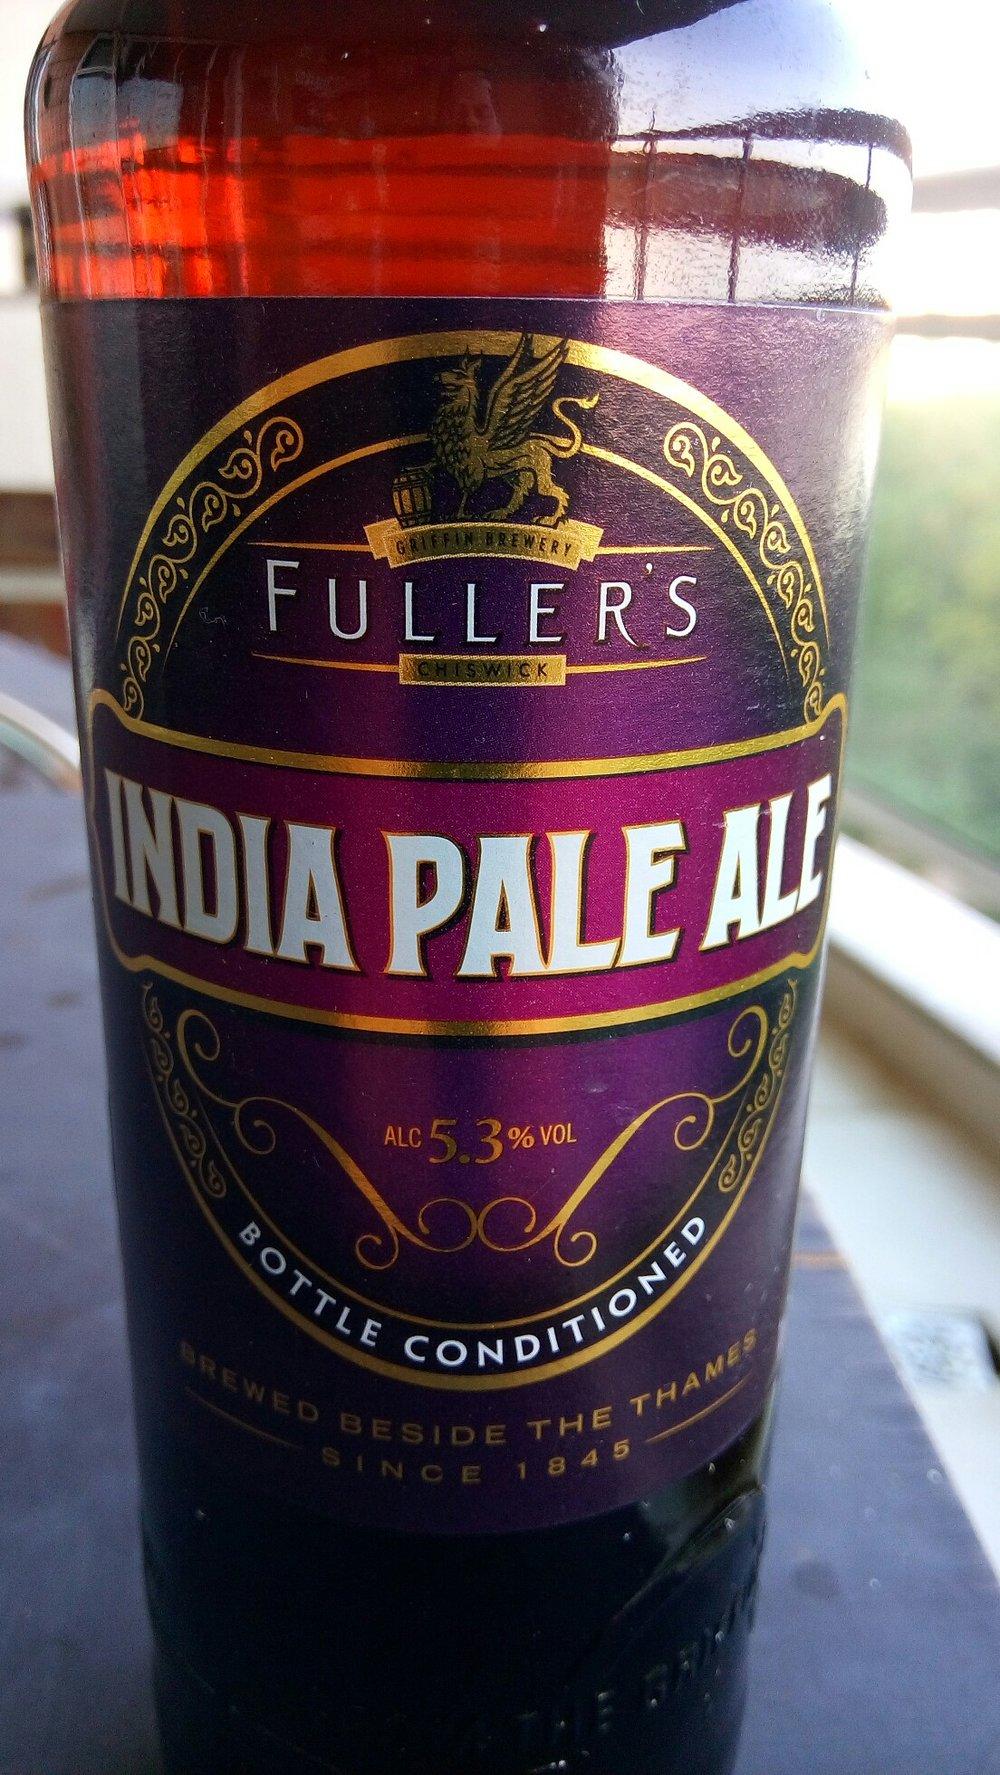 Bottle conditioned diyor, yani: Şişede kıvamını yakalıyor bu bira...Yerseniz. Hem IPA taze içilir denir, hem de bu şekil şişede olgunlaşır yazarlar. HANGİSİ?